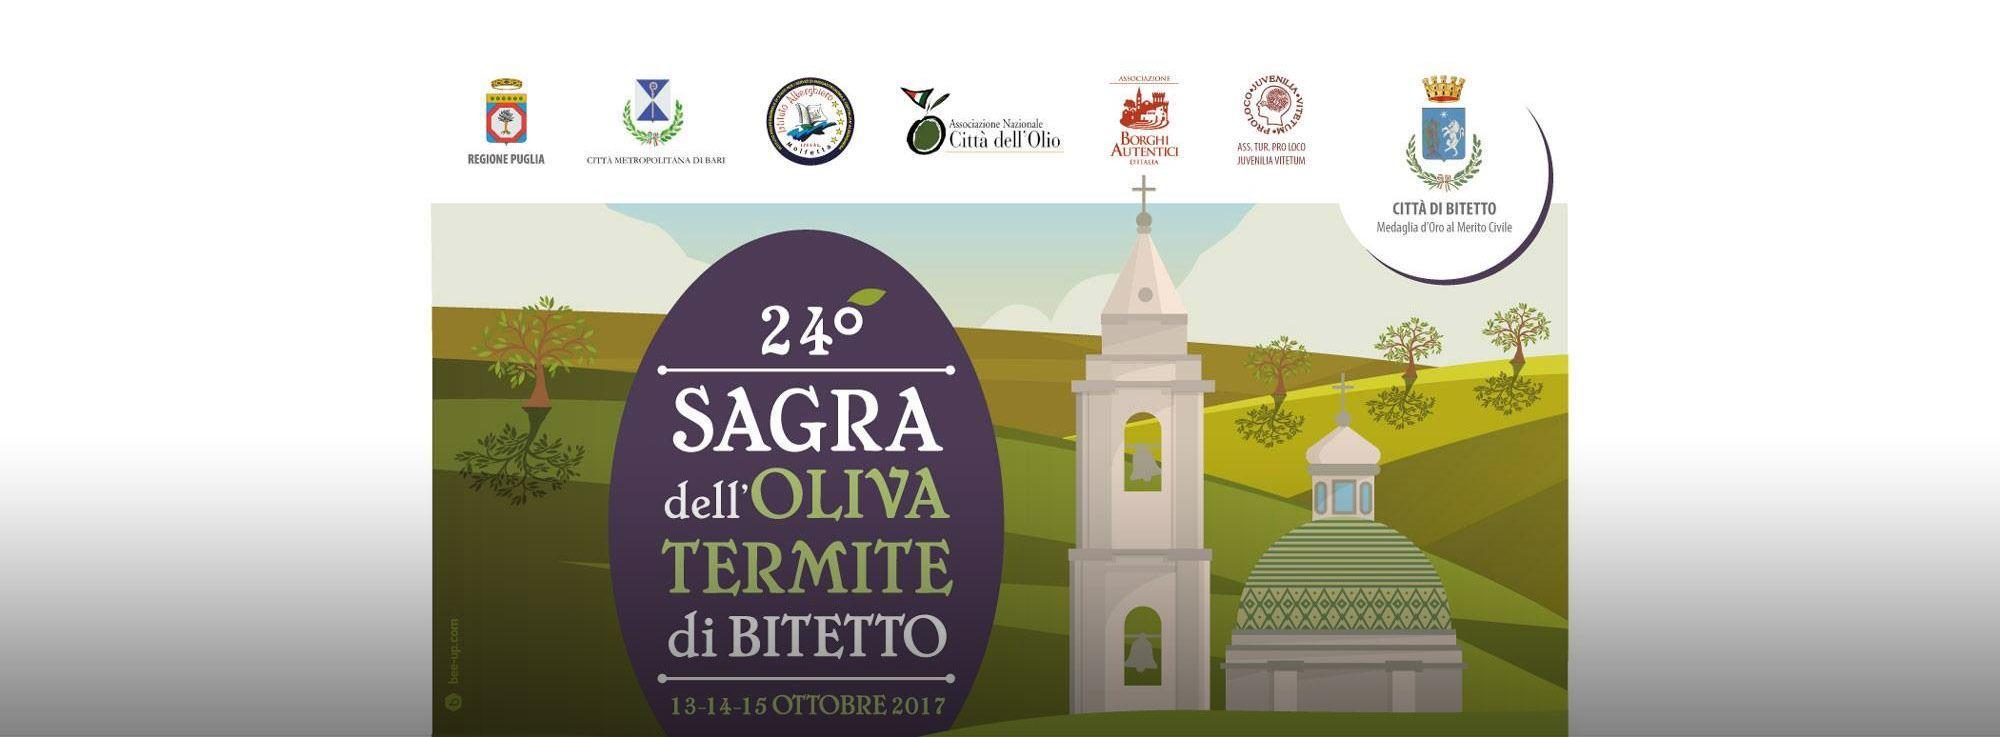 Bitetto: Sagra dell'oliva termite di Bitetto